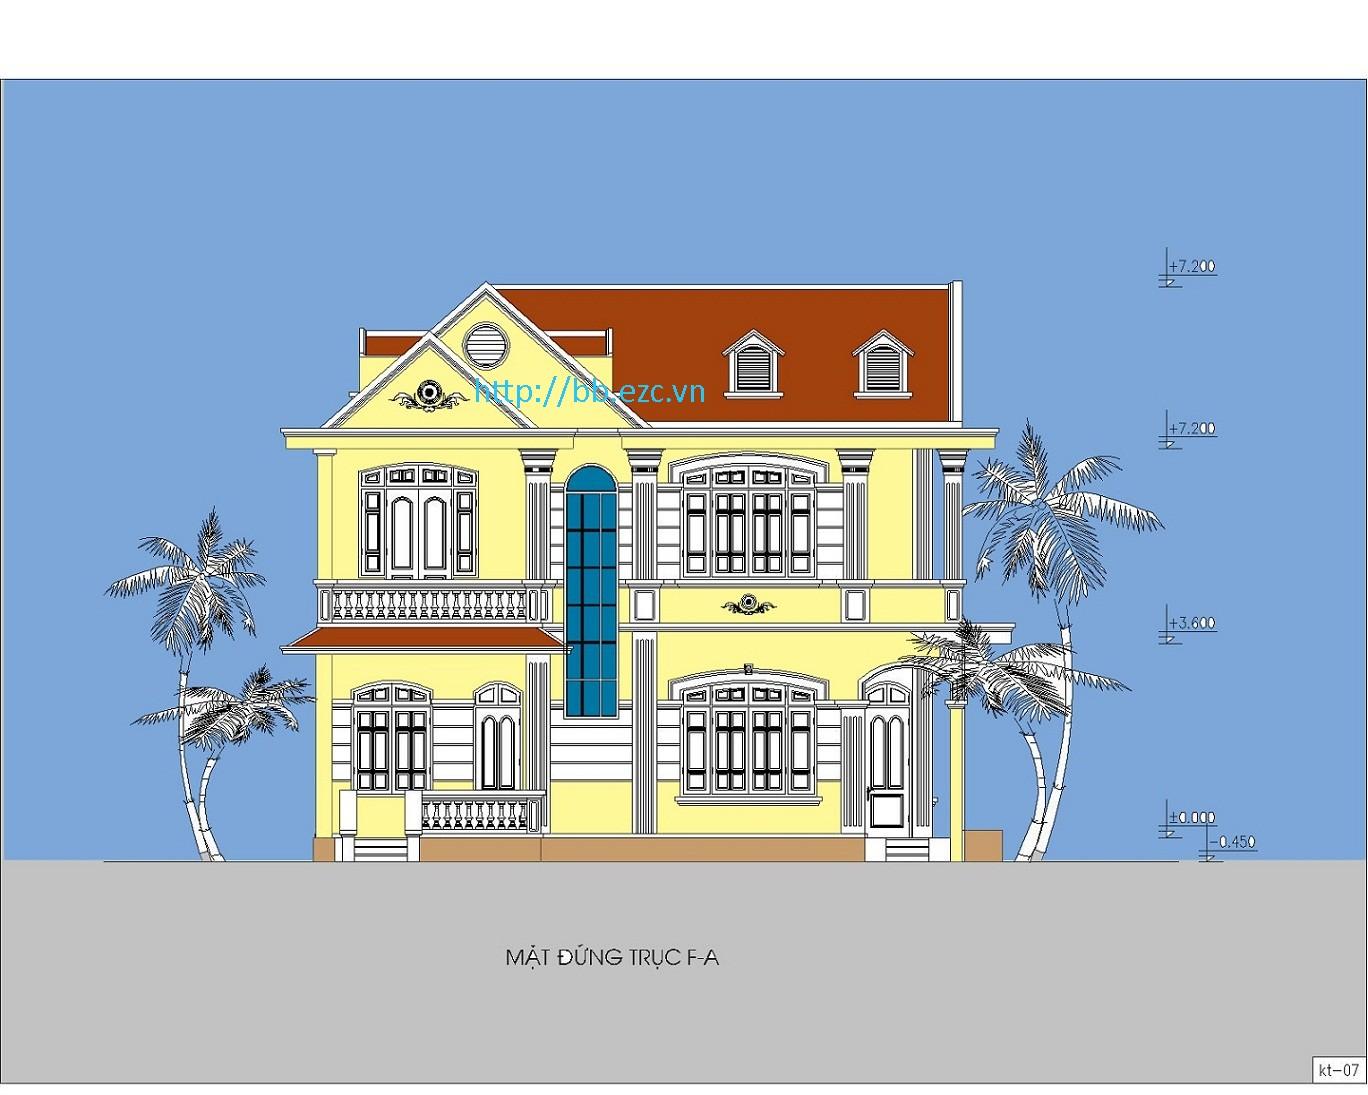 Biệt thự / nhà vườn 10x12m (2 tầng - 4 phòng ngủ) - Mặt đứng chính